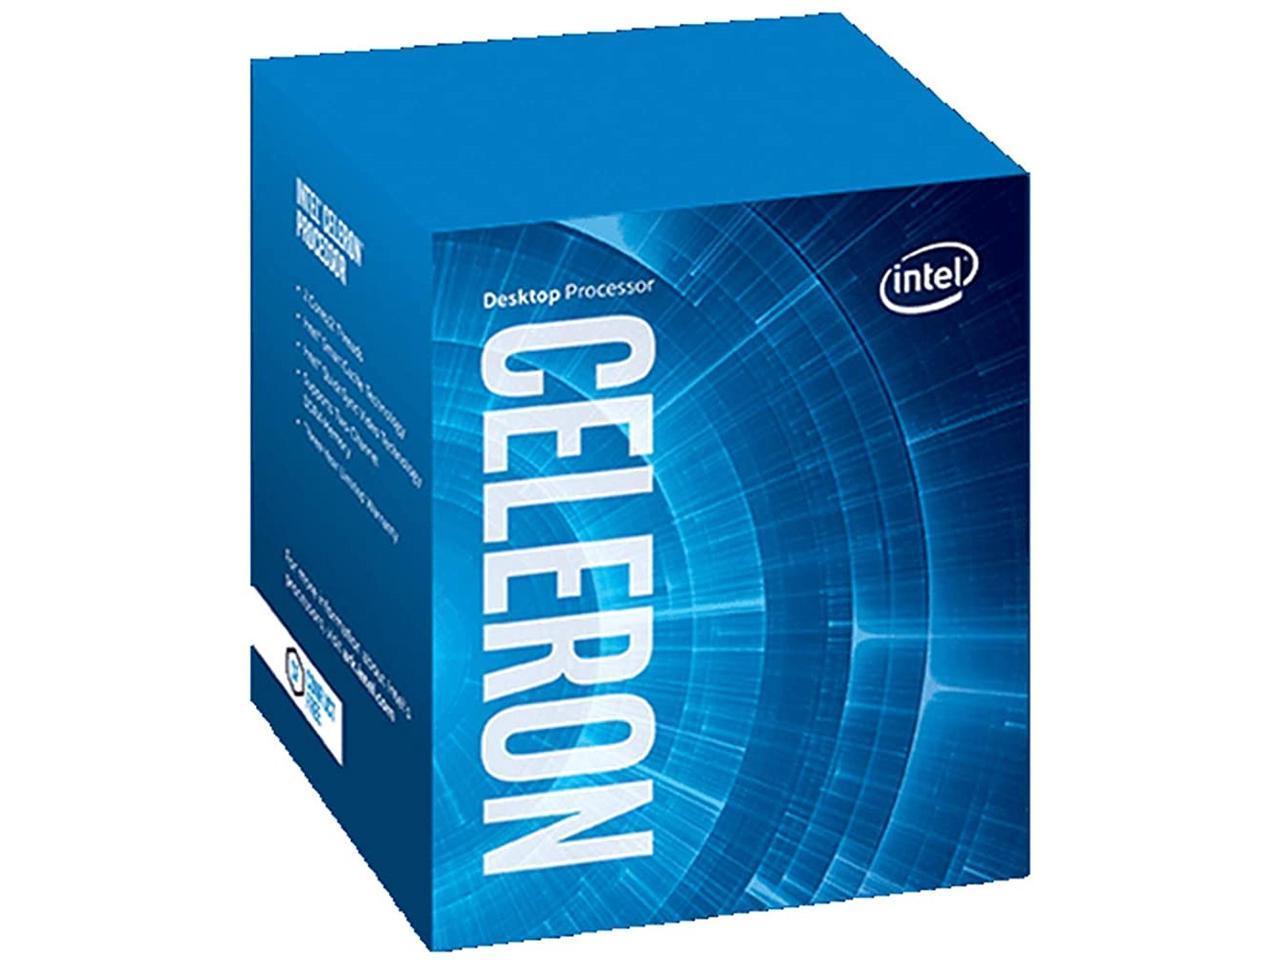 Процесор Intel Celeron G5920, 3.5GHz, 2MB, 58W, LGA1200, BOX